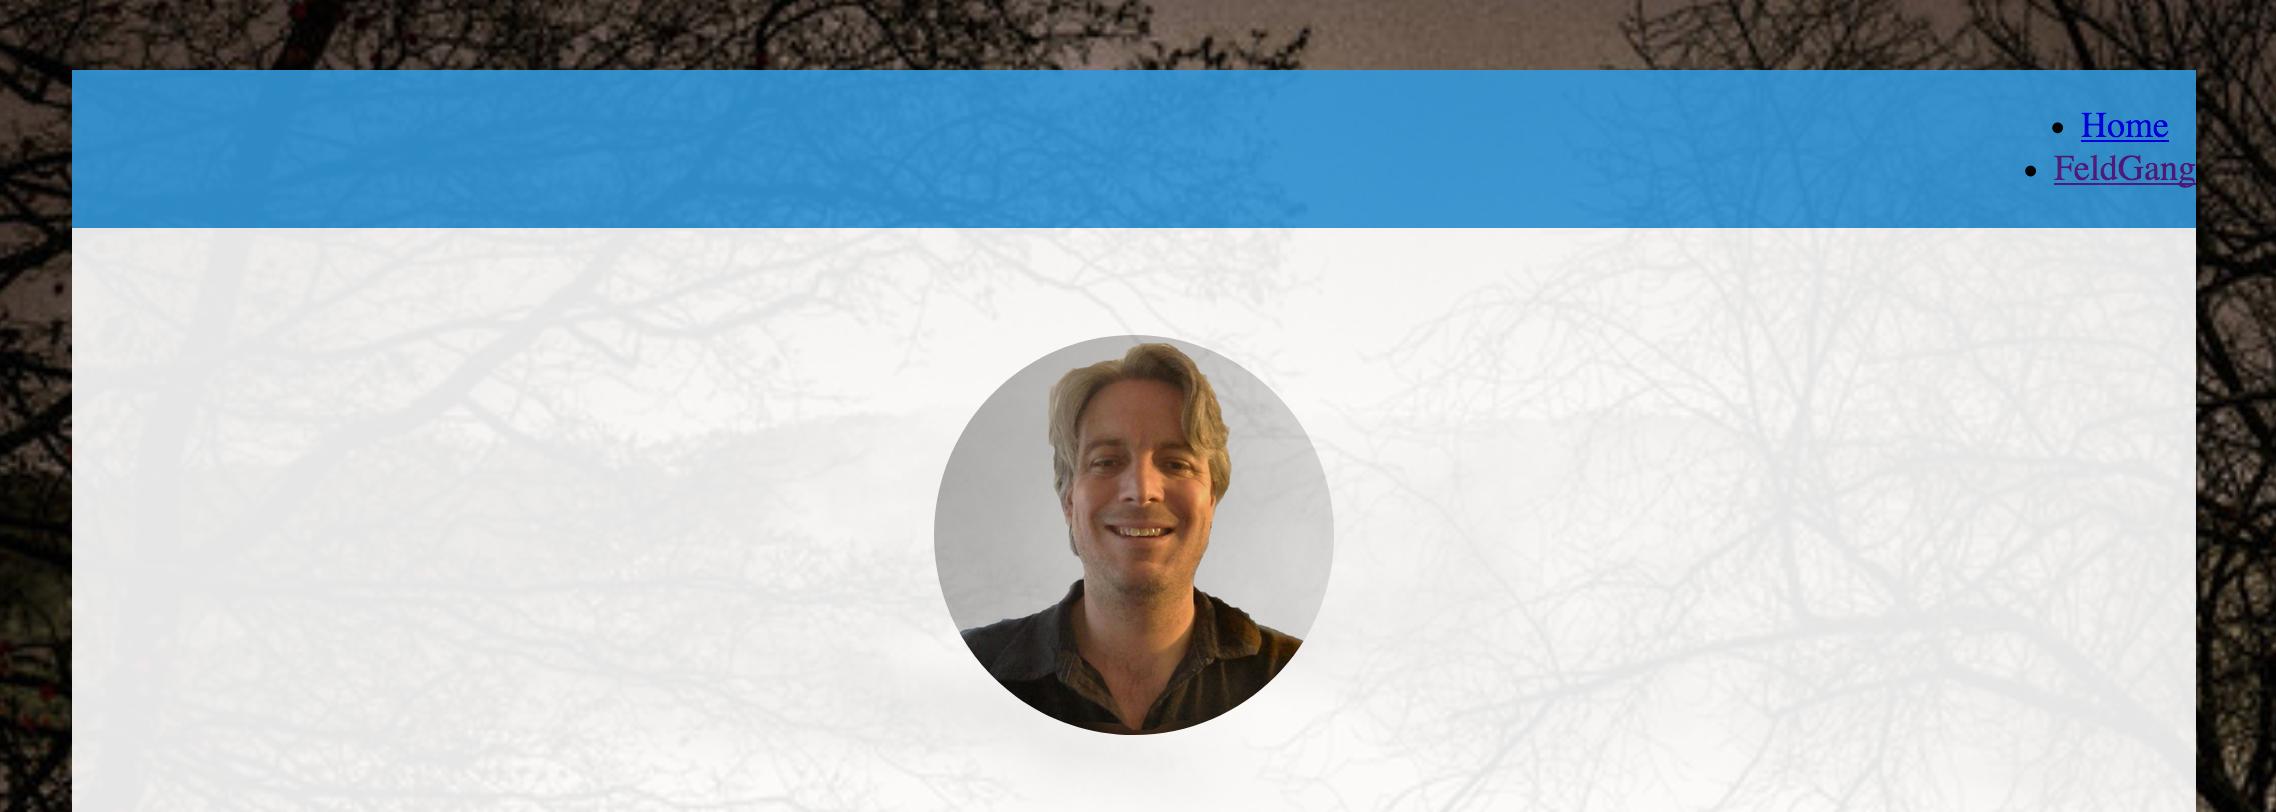 screenshot of website with nav